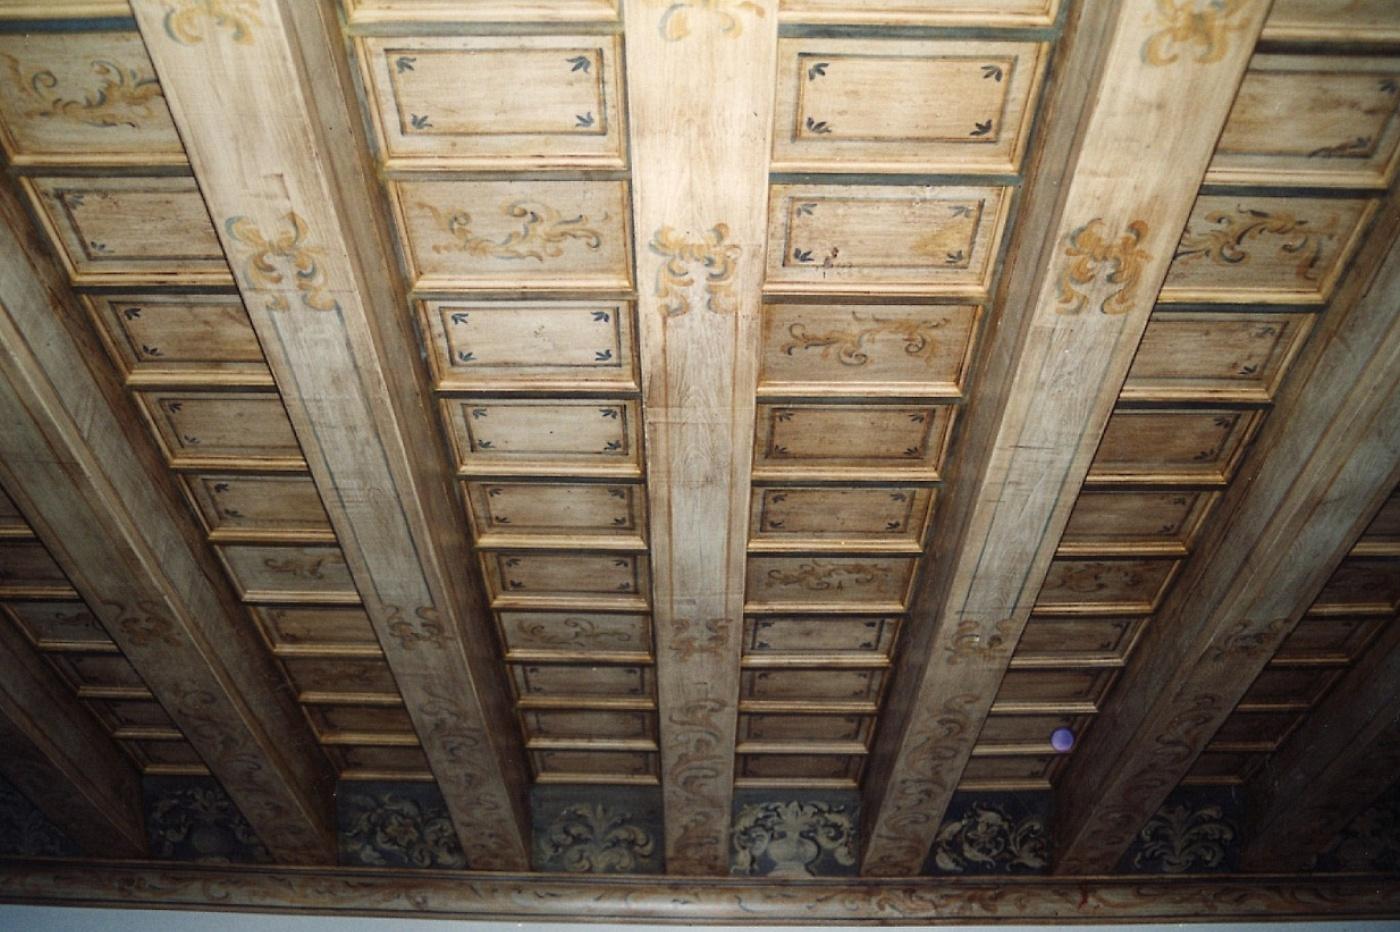 Sols interni di prestigio soffitti in legno dipinti - Soffitti decorati ...